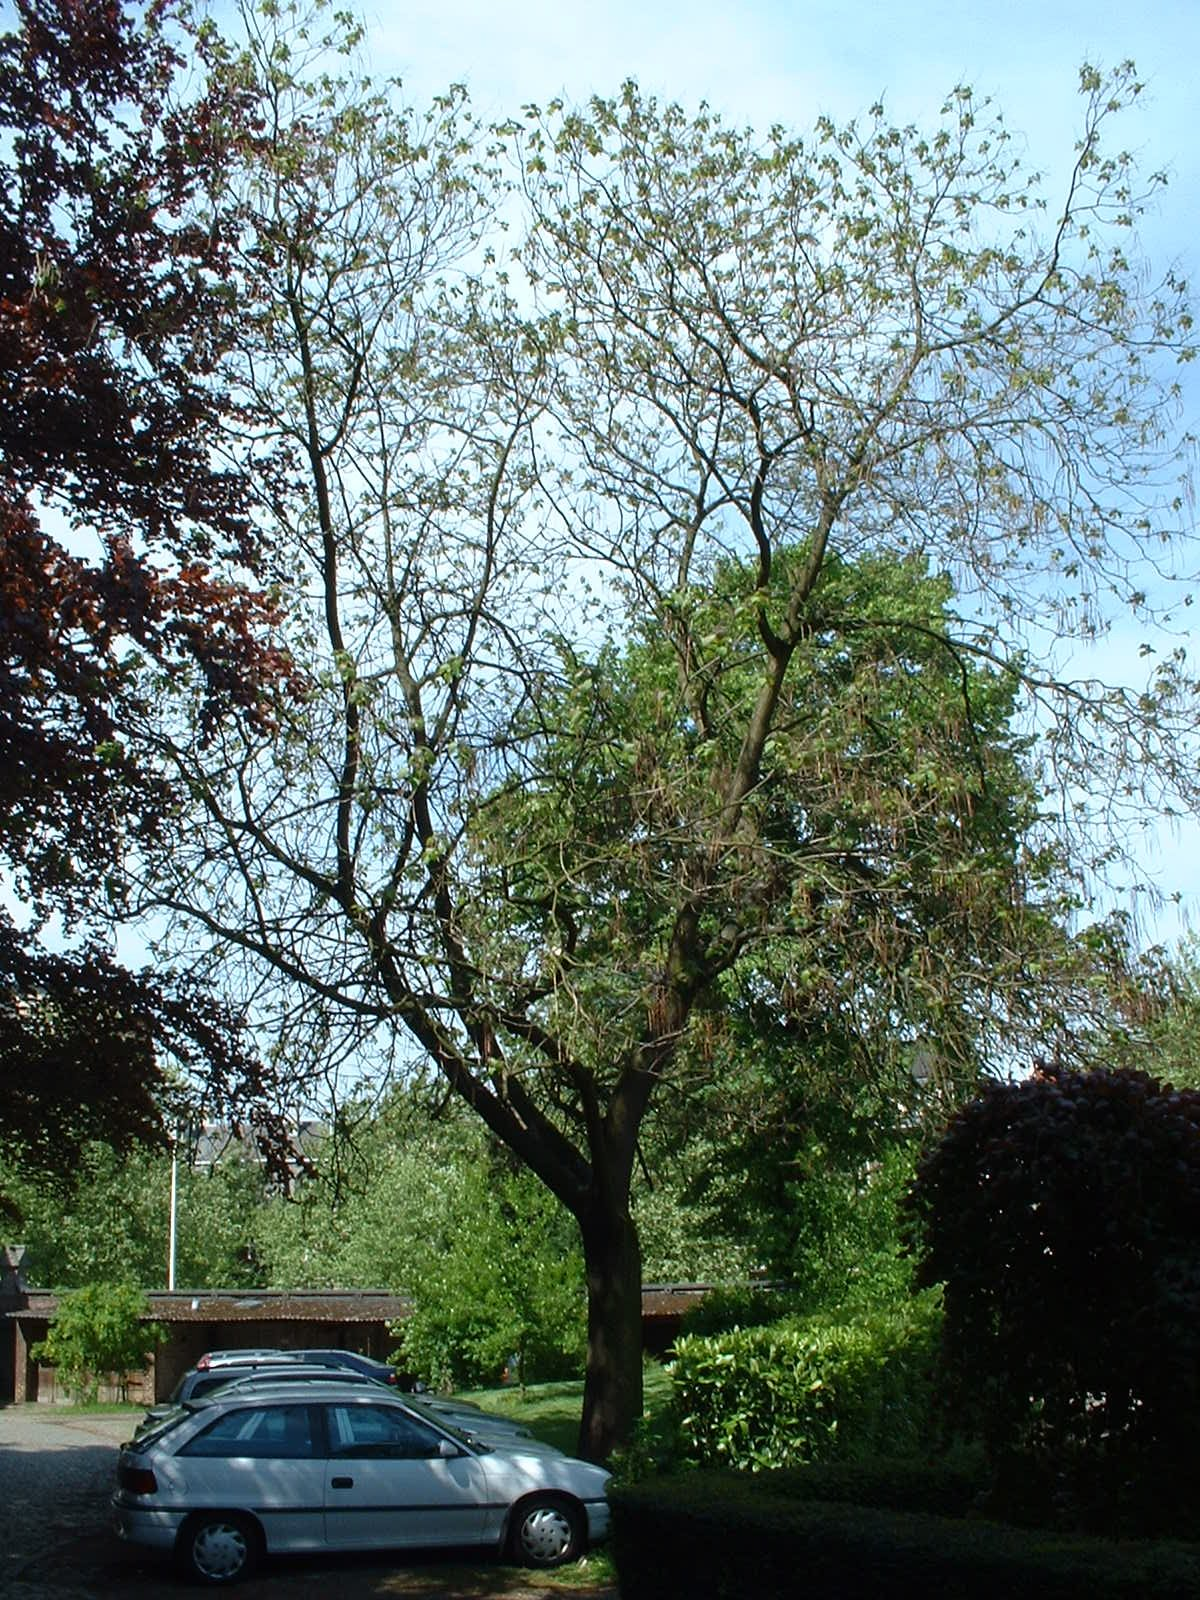 Catalpa rougeâtre – Etterbeek, Parc du collège Saint-Michel, Boulevard Saint-Michel, 24 –  07 Mai 2003